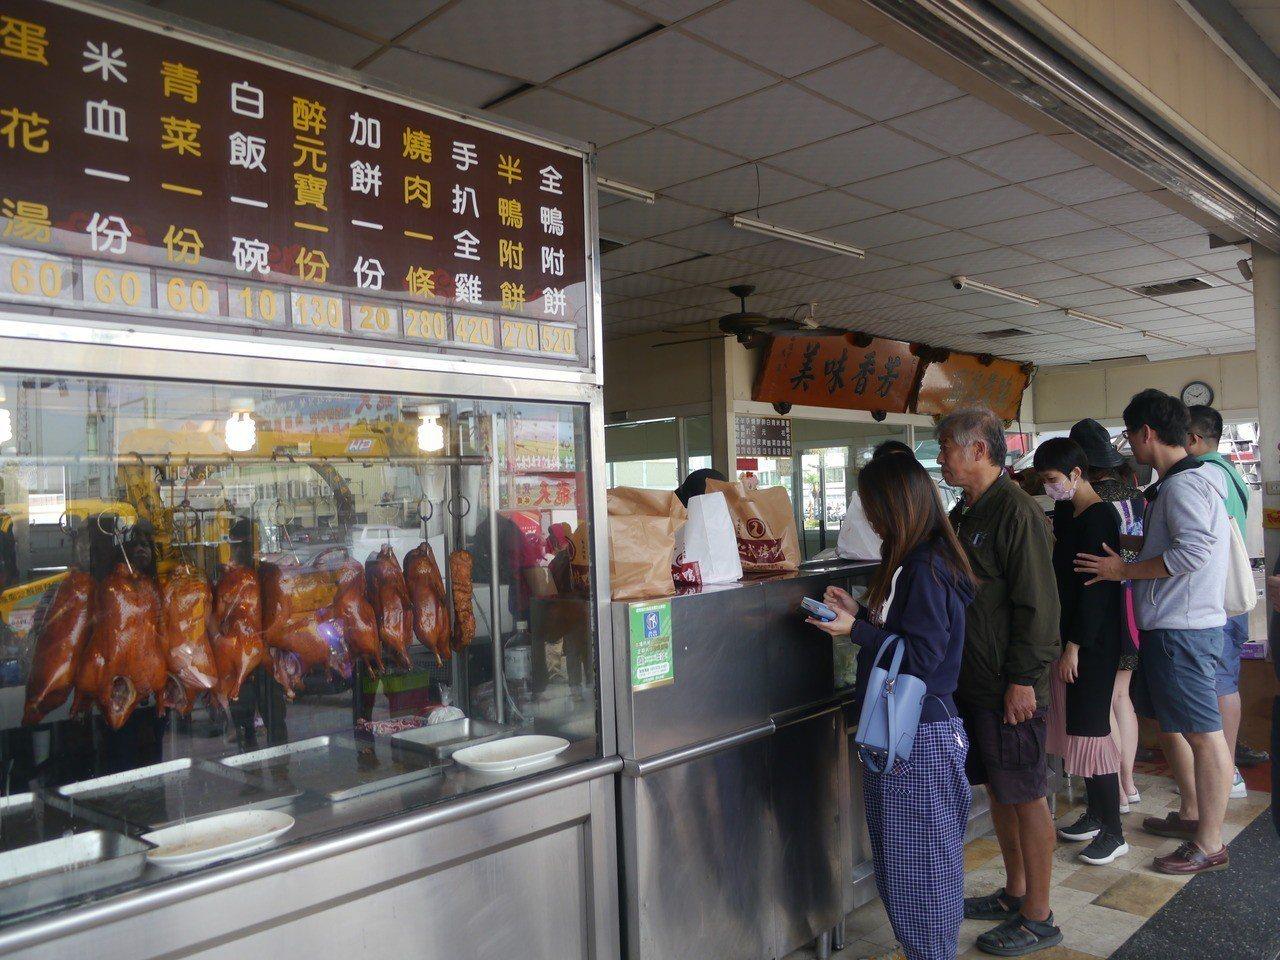 仁武烤鴨是高雄名店,排隊人潮絡繹不絕。記者徐白櫻/攝影